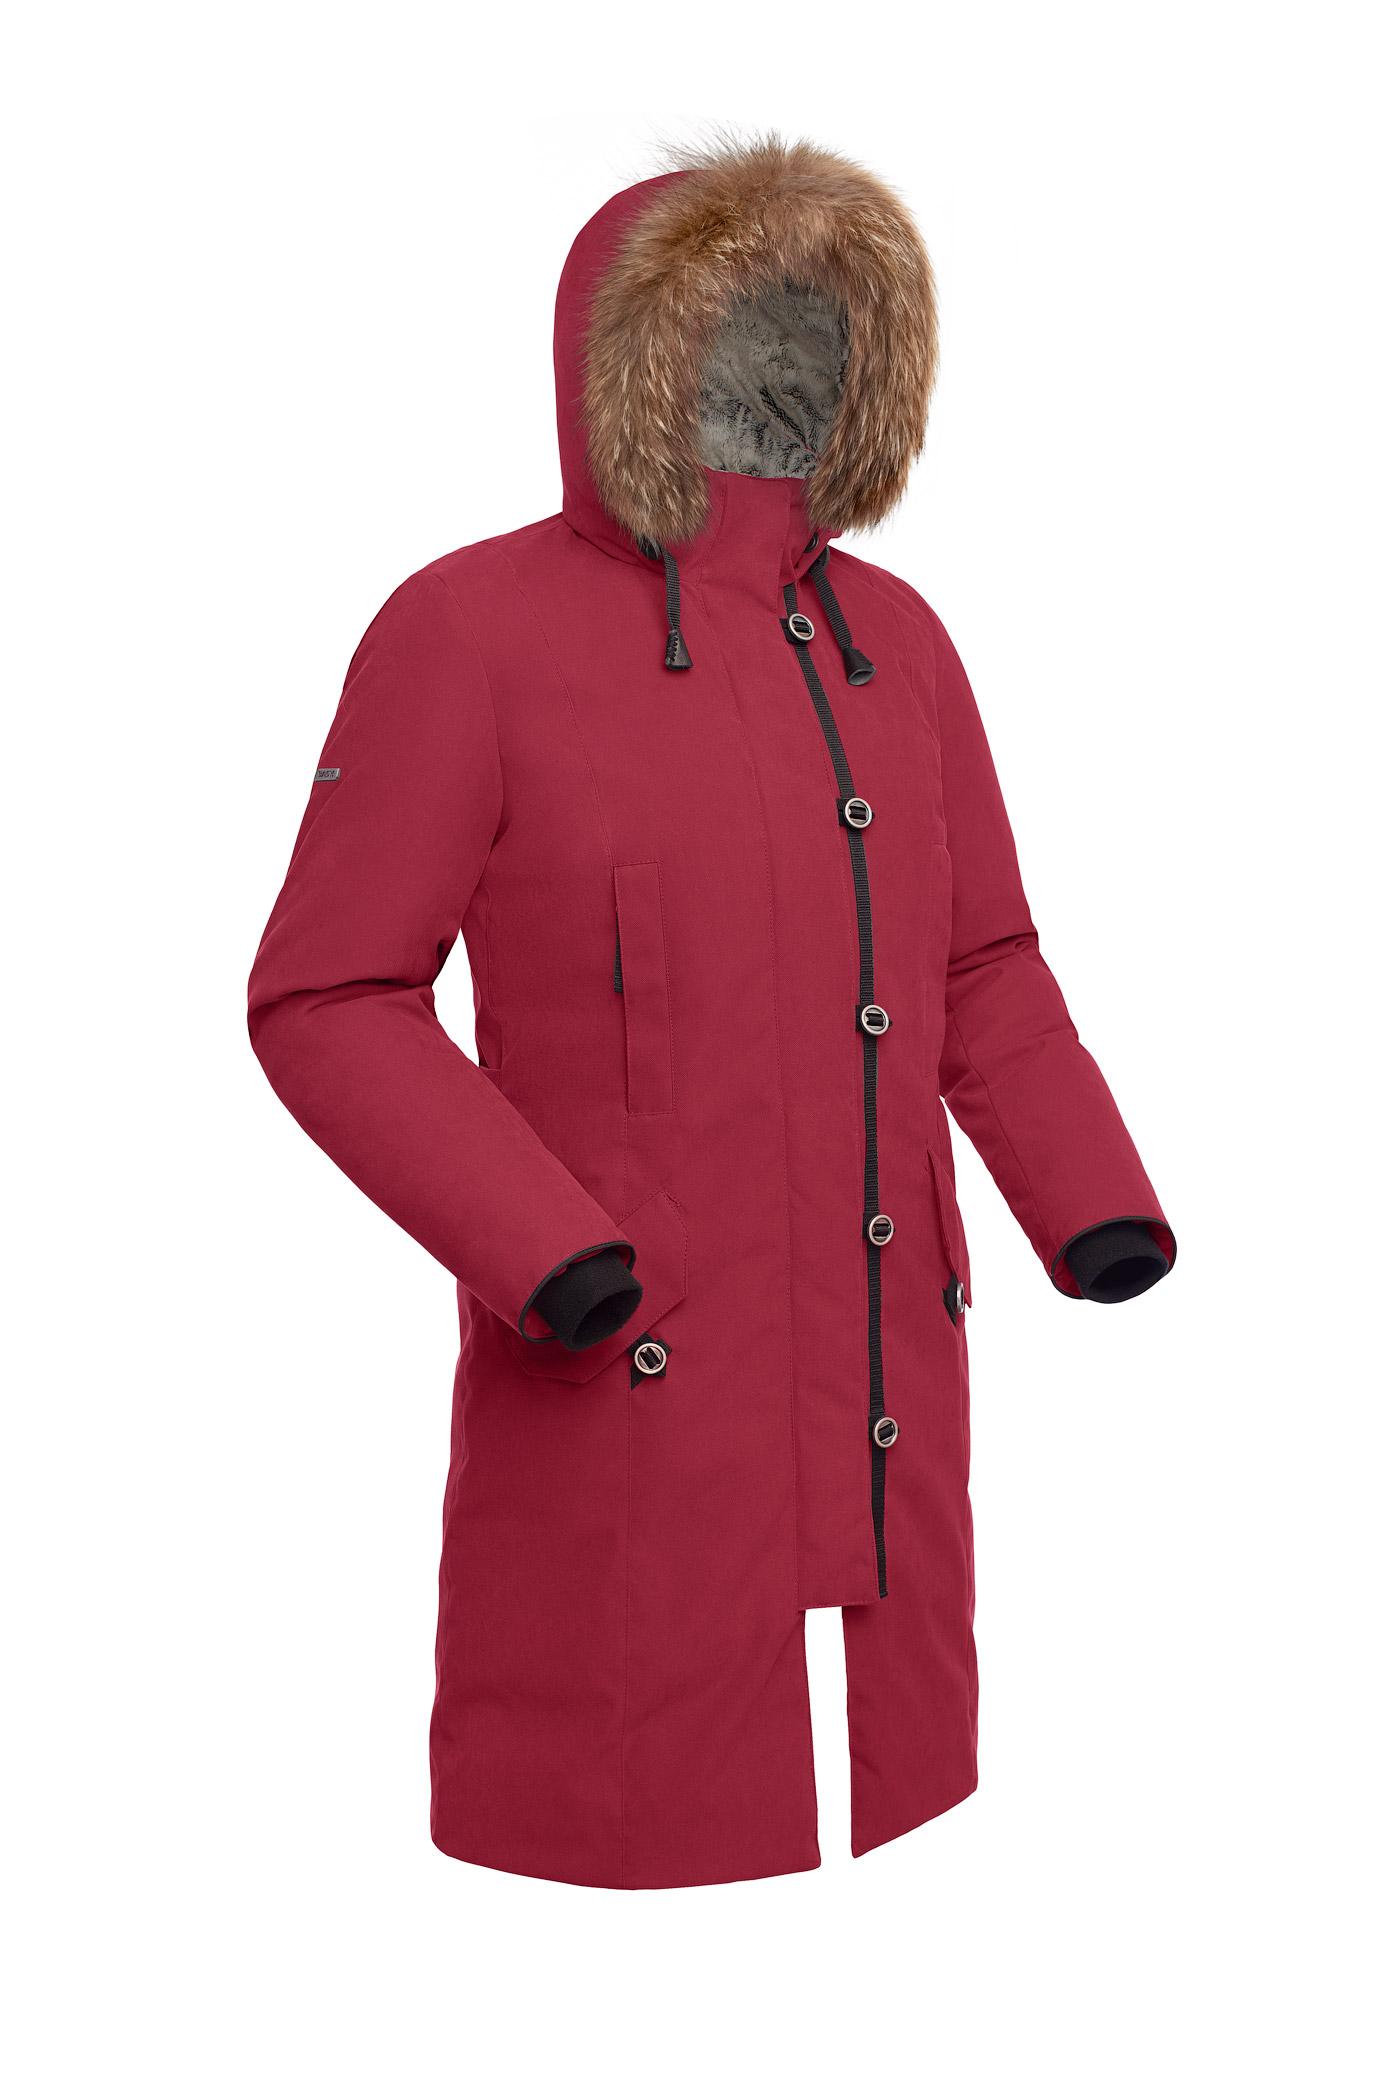 Пальто пуховое женское BASK HATANGA V2 бордо, Пальто - арт. 971250409